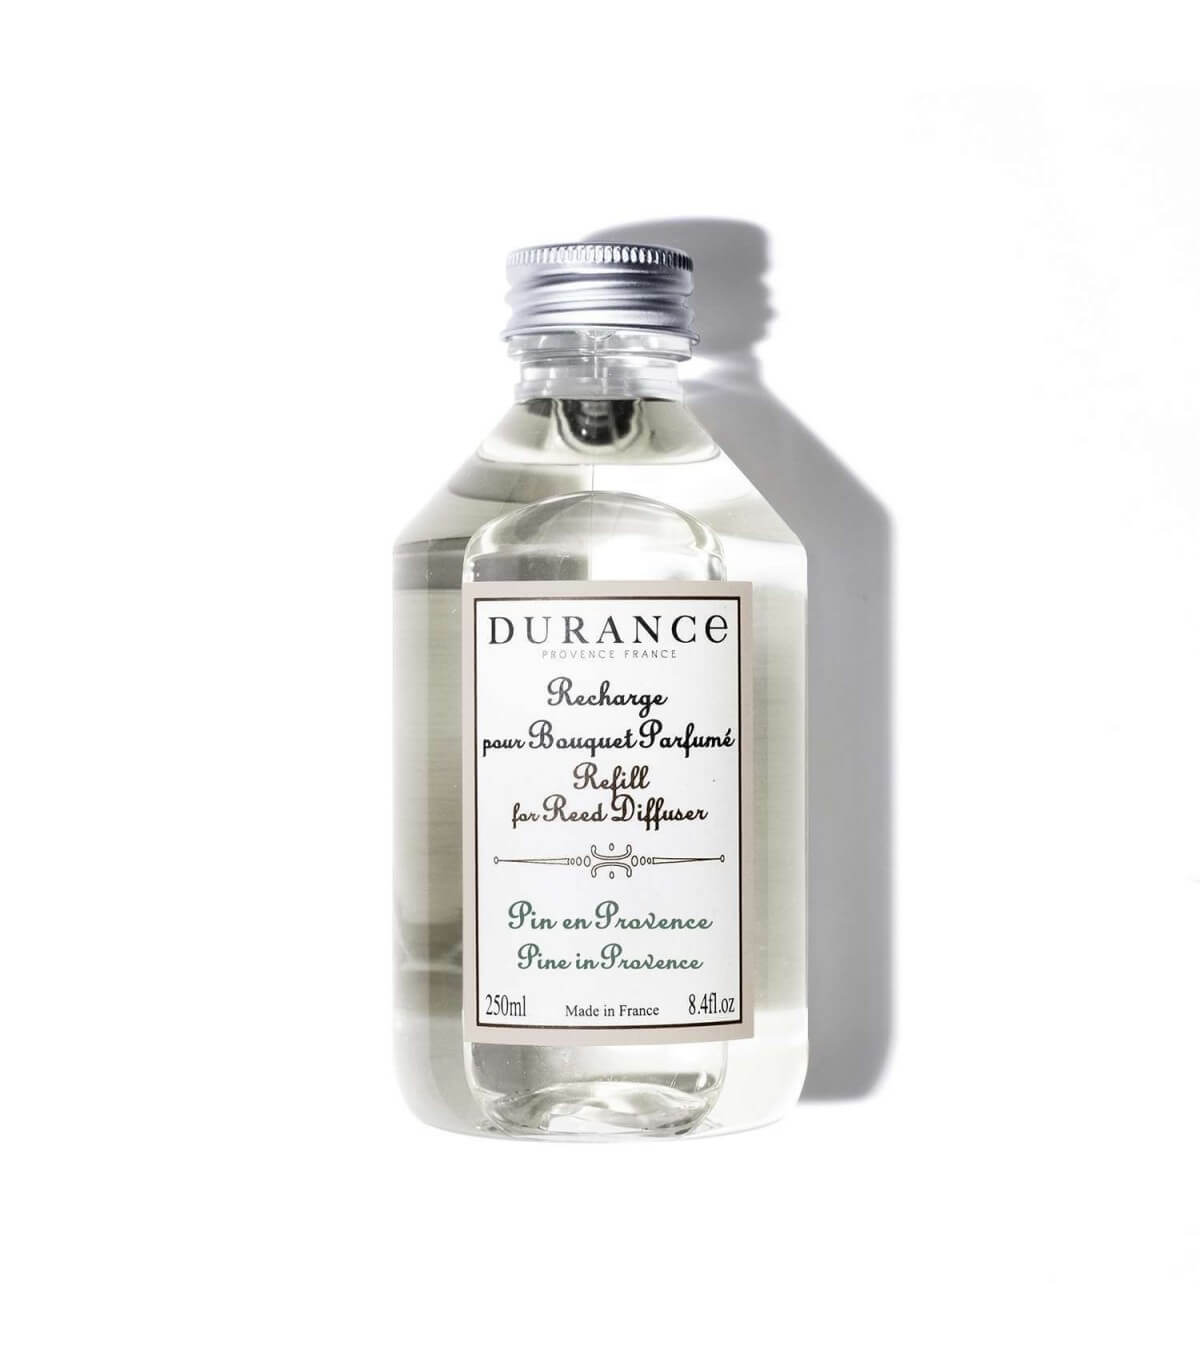 Recharge Bouquet Parfumé - Pin en Provence 25cl